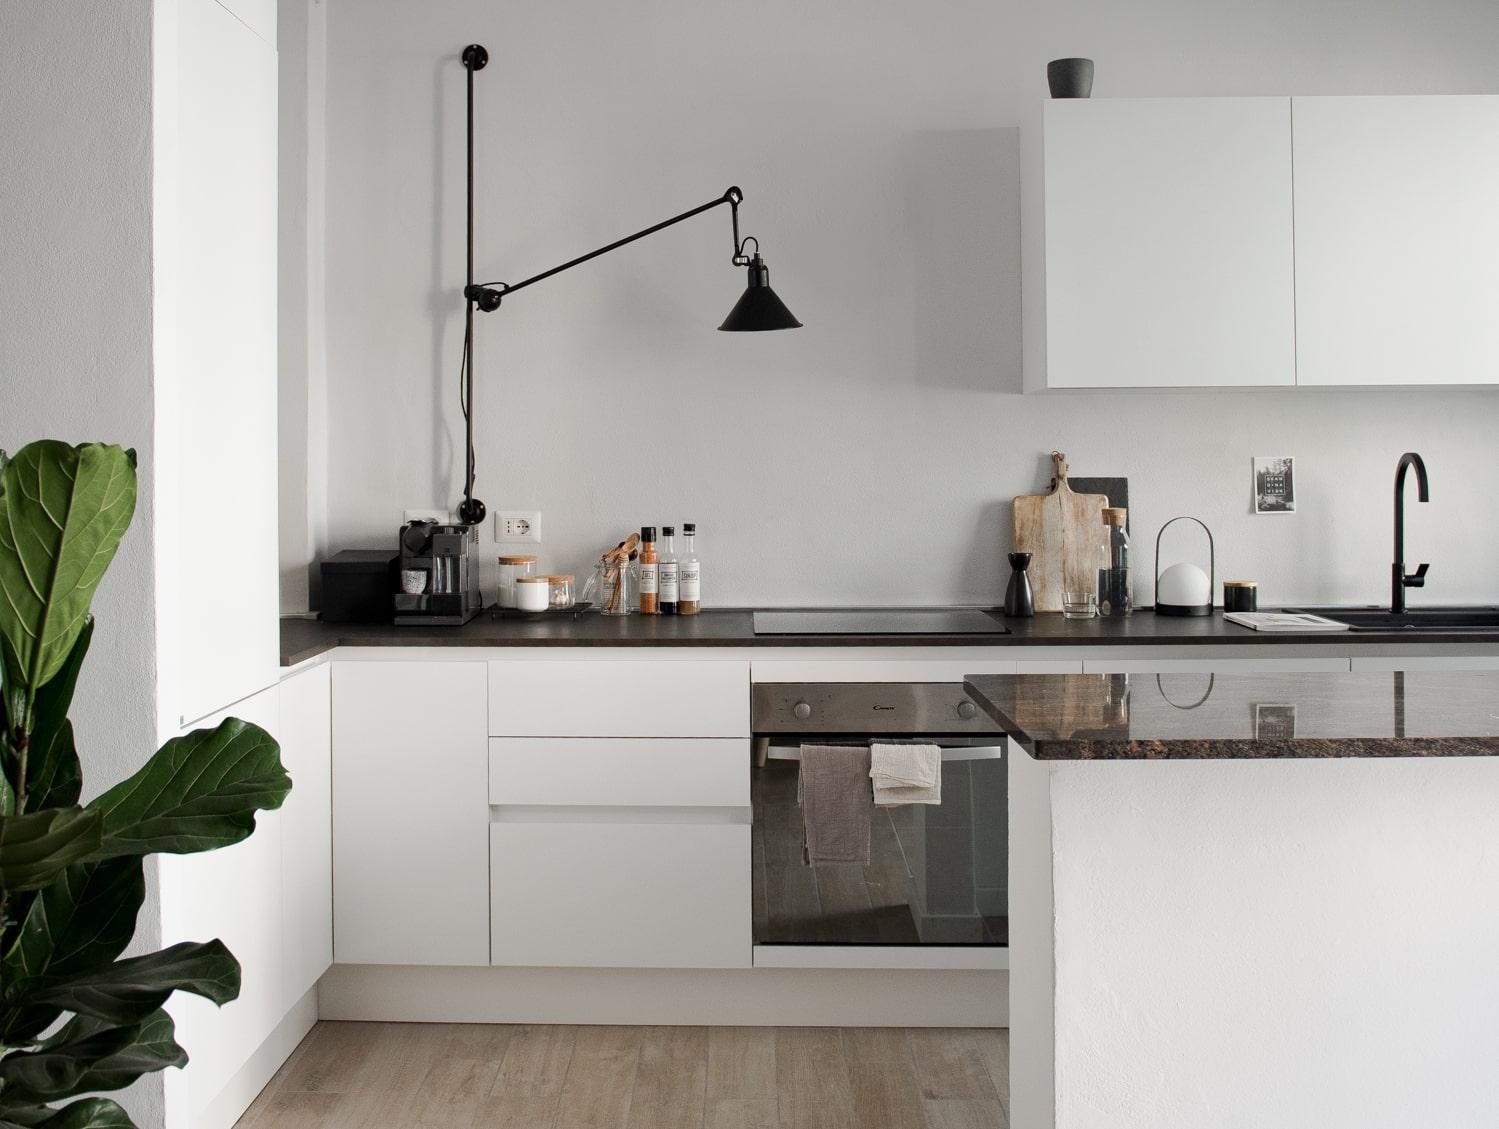 شرکت معماری و دکوراسیون داخلی دکوطرح - our minimal kitchen design 1 min